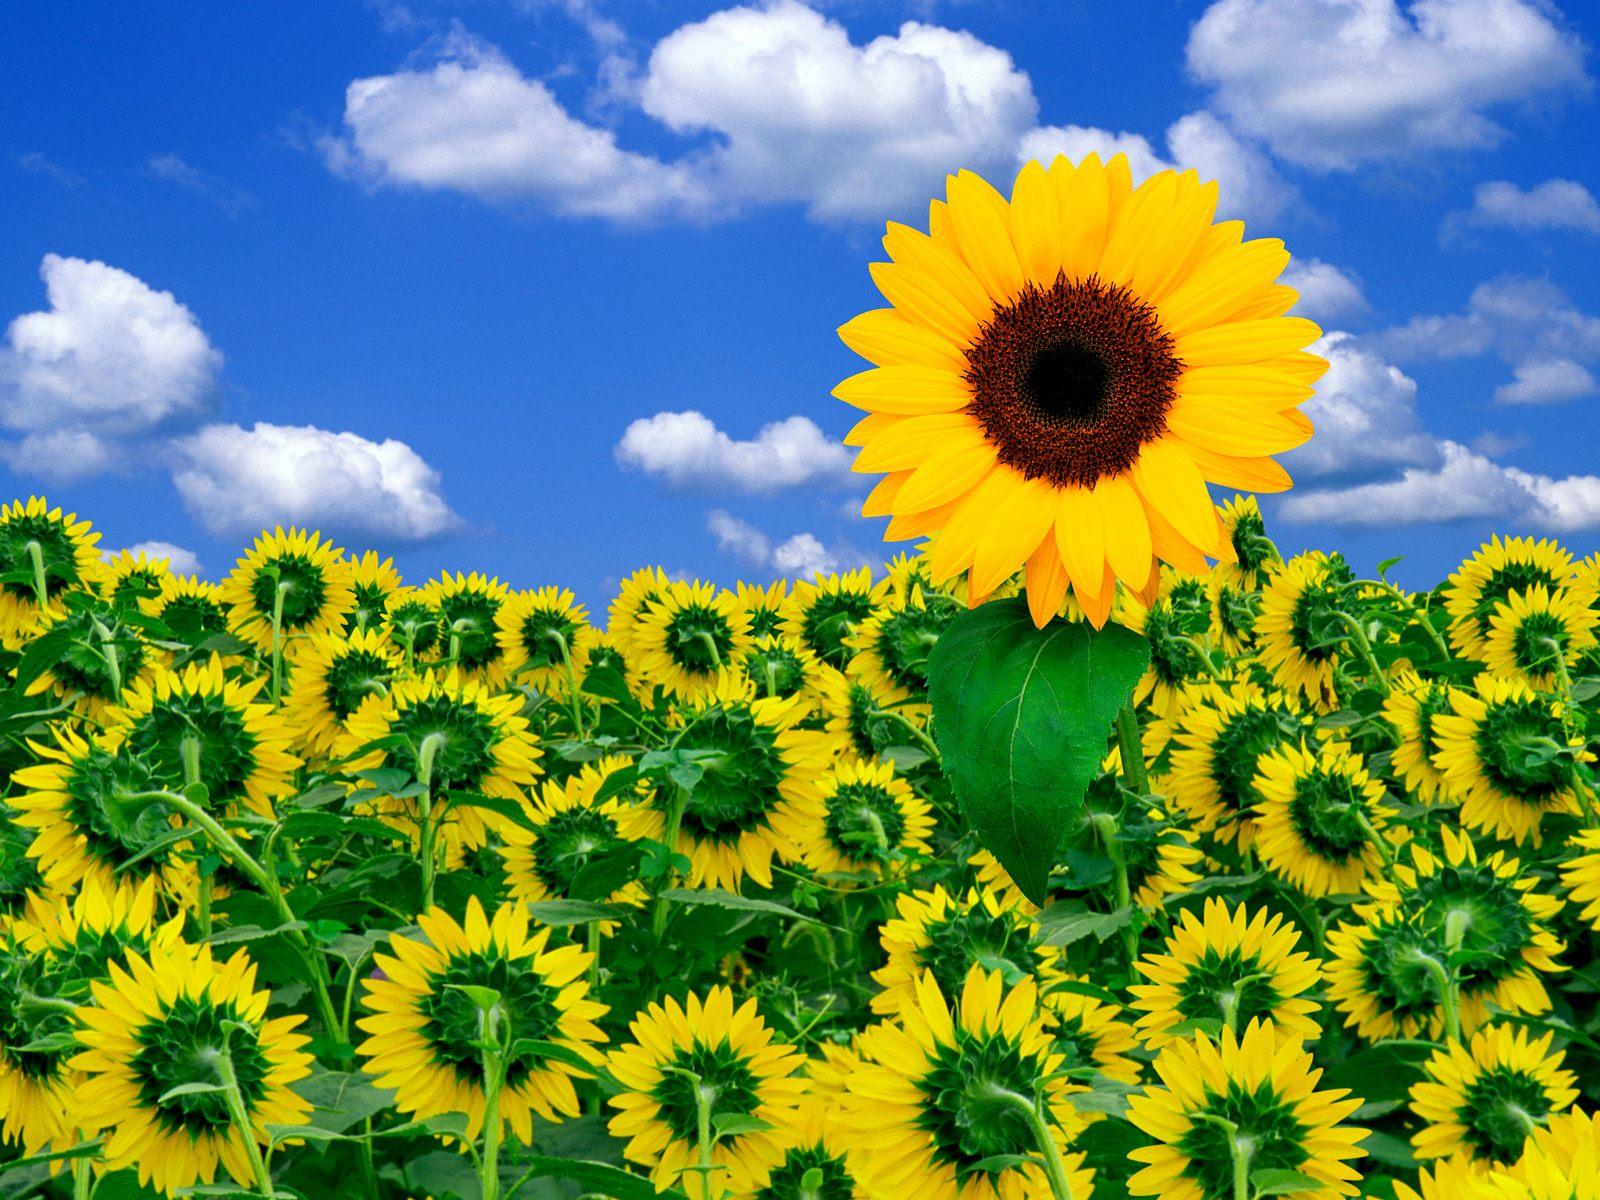 ヒマワリ 壁紙 - Sunflower WALLPAPER